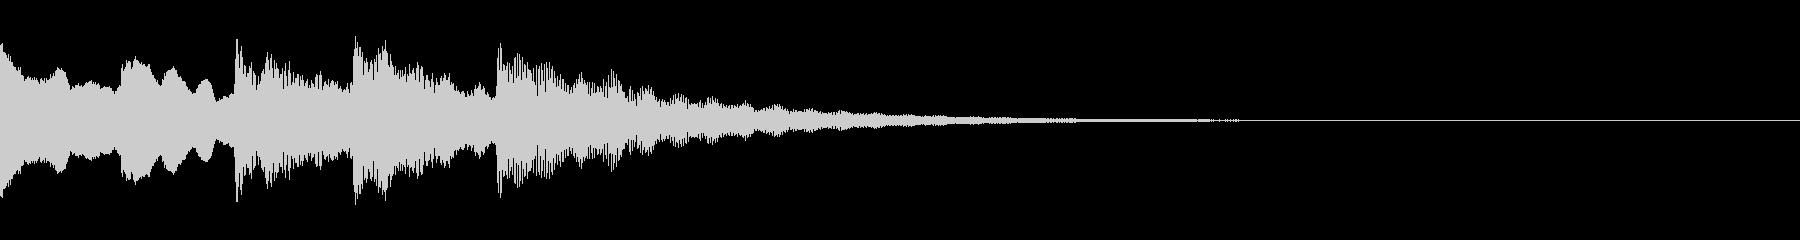 レアアイテム、イベントアイテム入手の未再生の波形